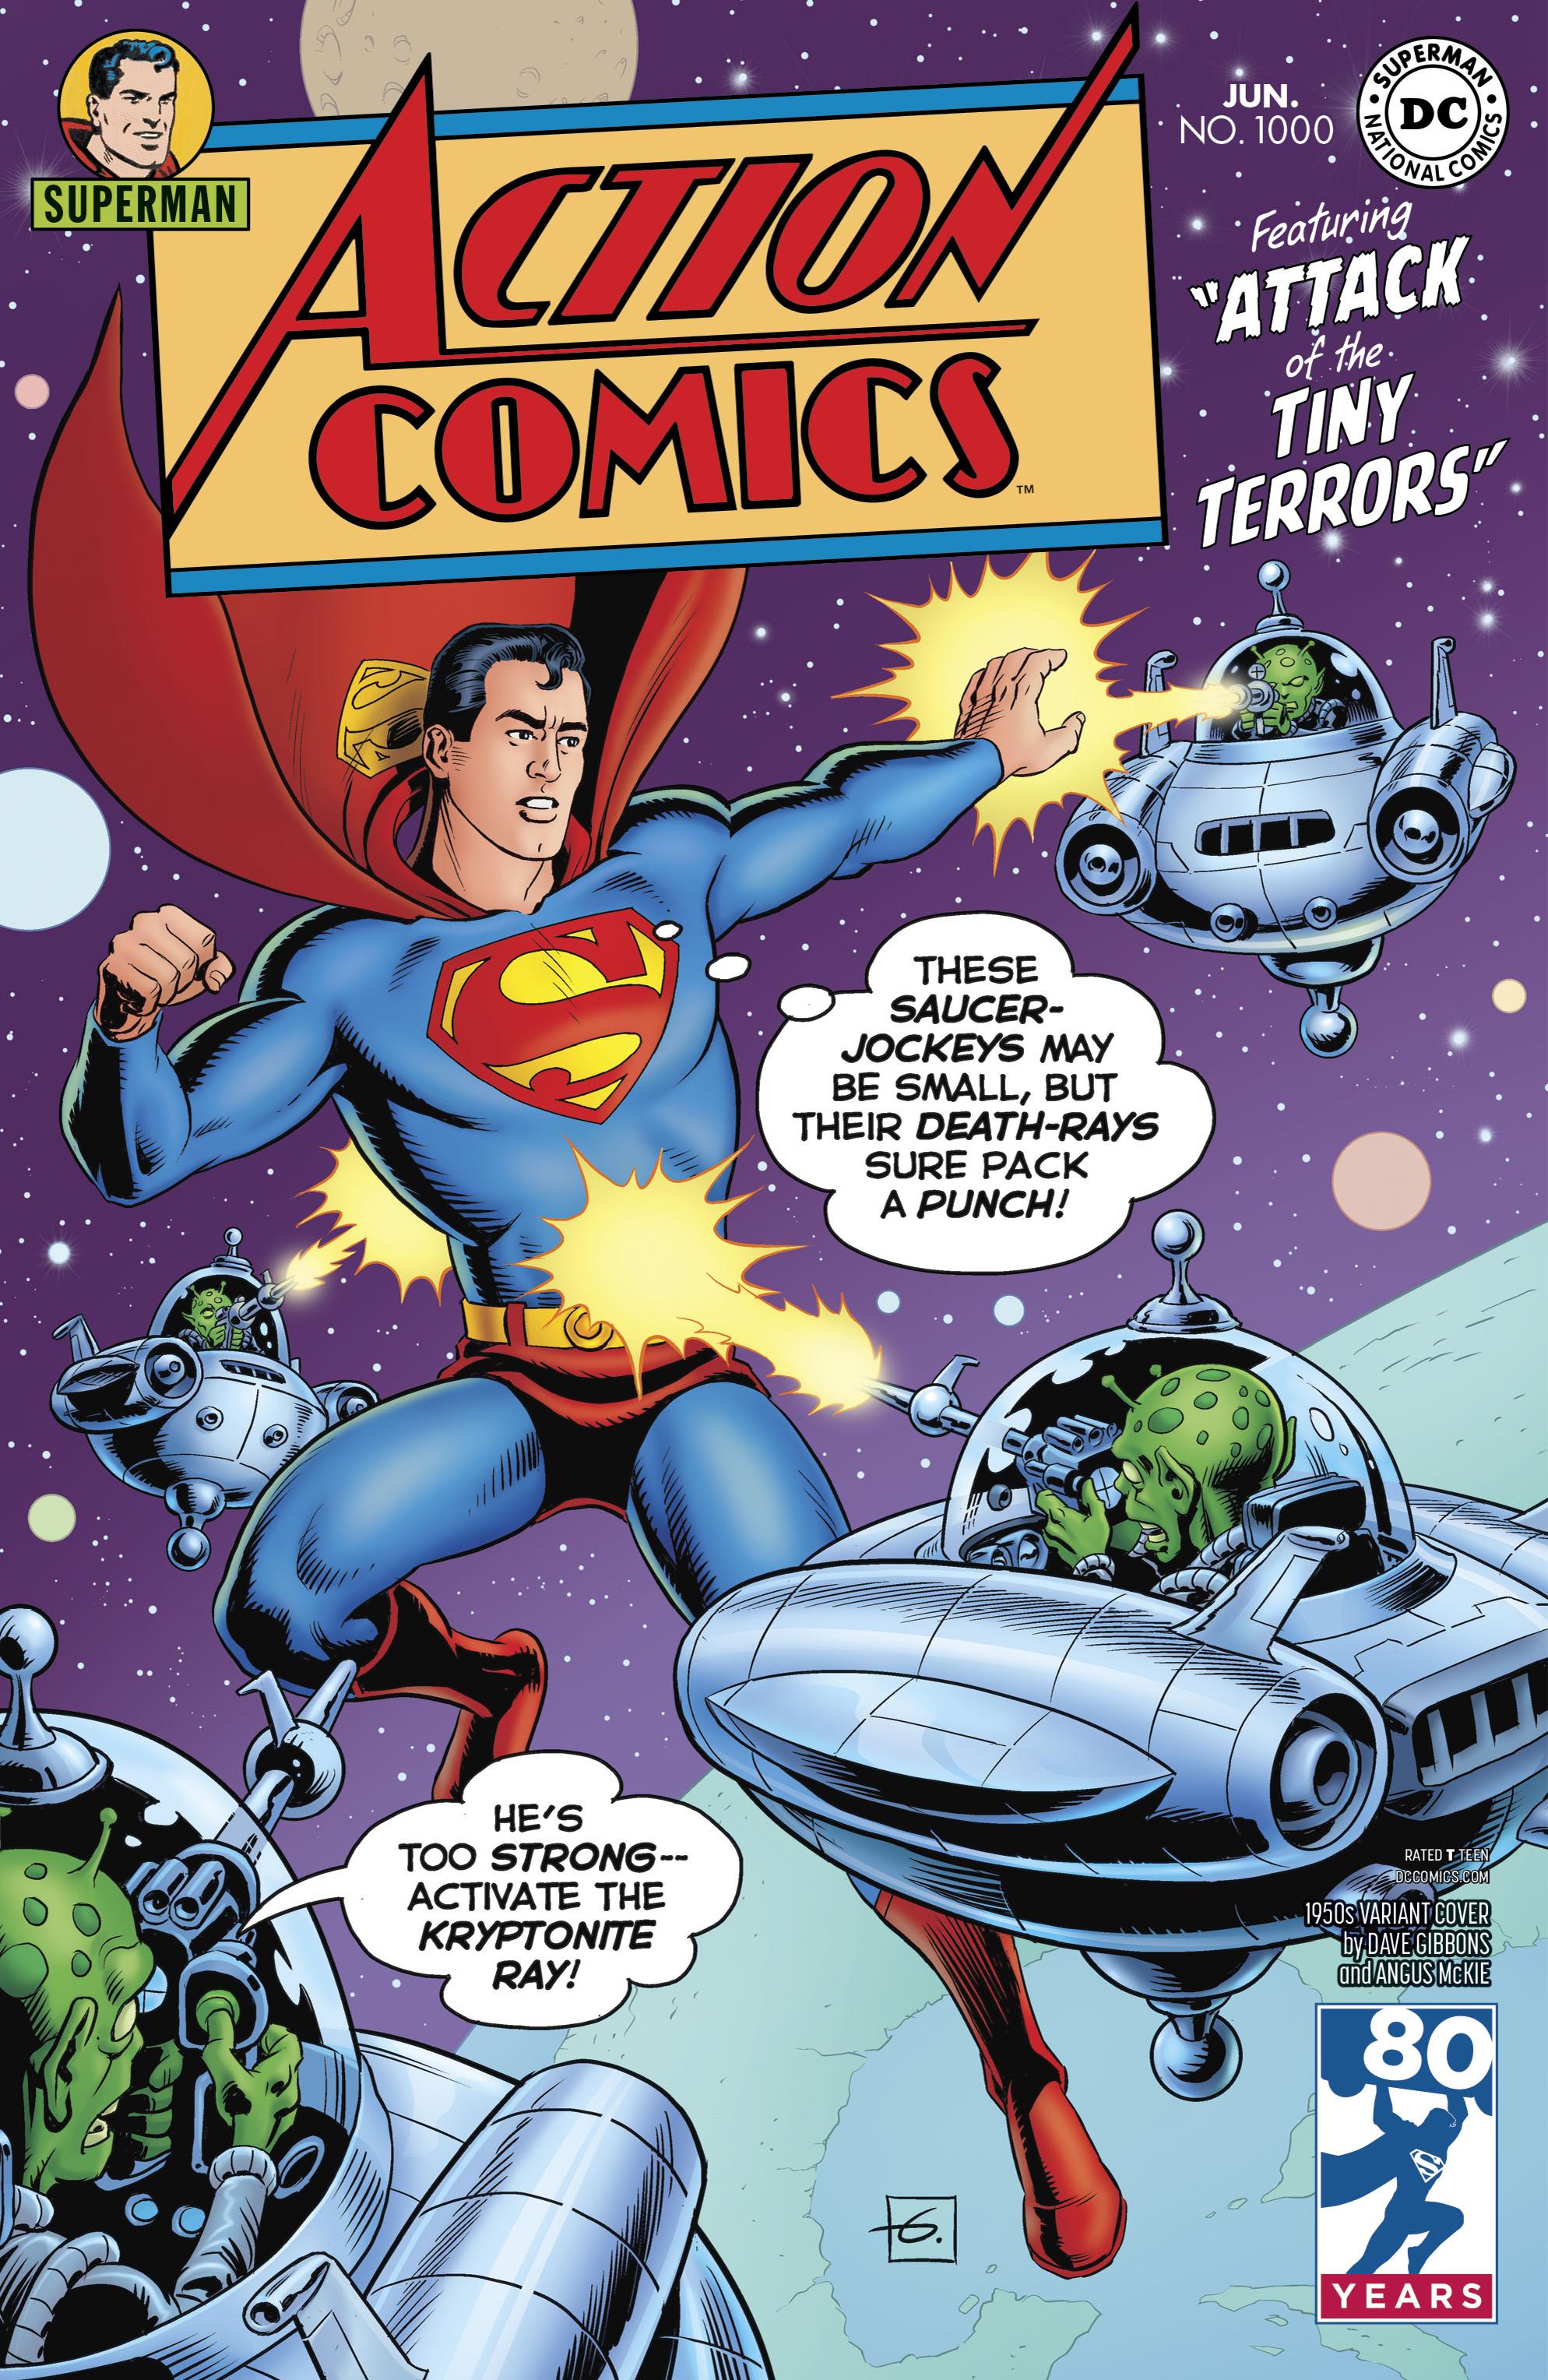 06-actioncomics1000d